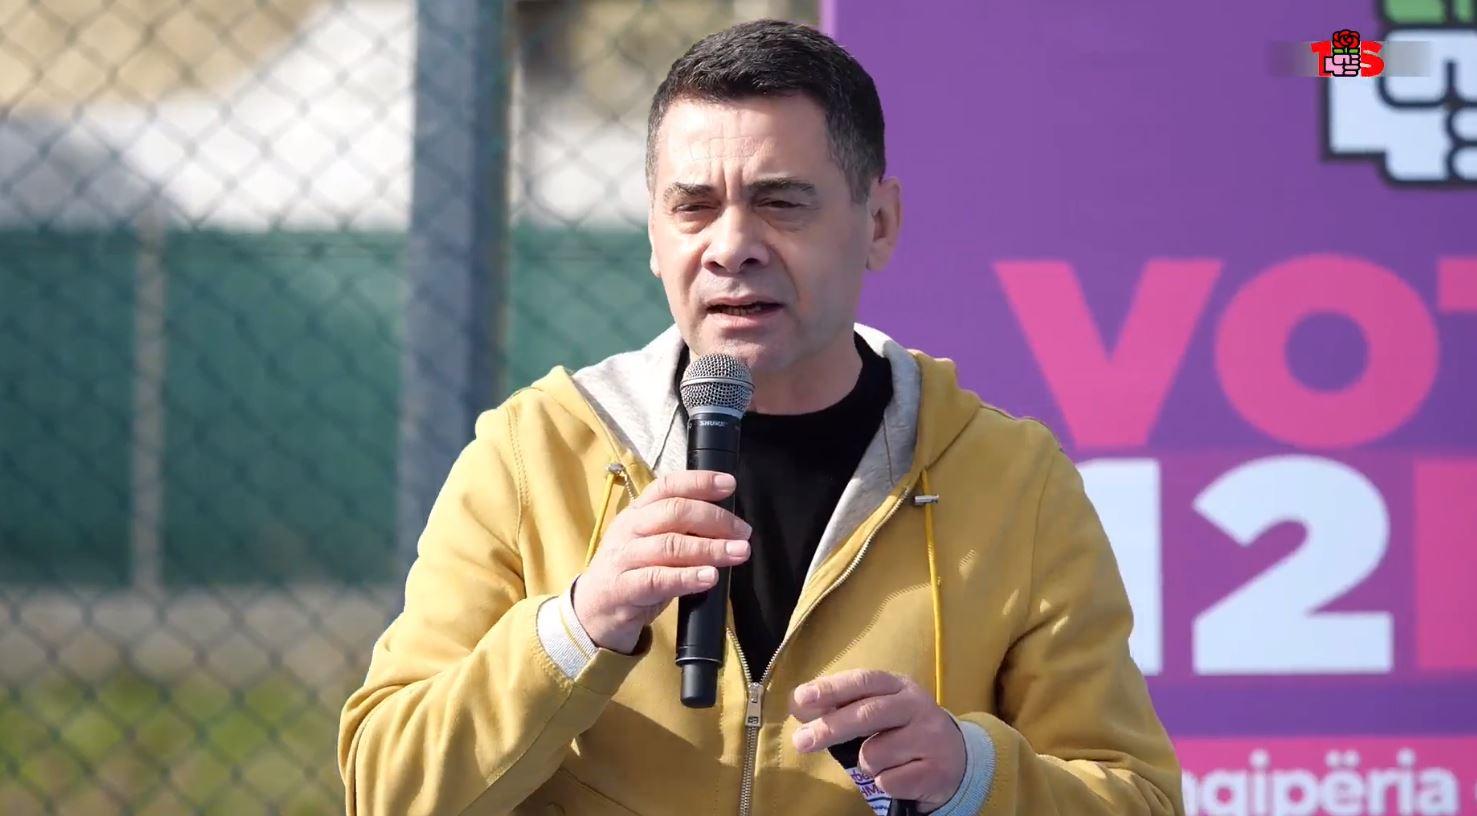 Ahmetaj: Mbi shpatullat e kryeministrit ranë dy fatkeqësi të mëdha, pala tjetër nuk dha lekët e invalidëve